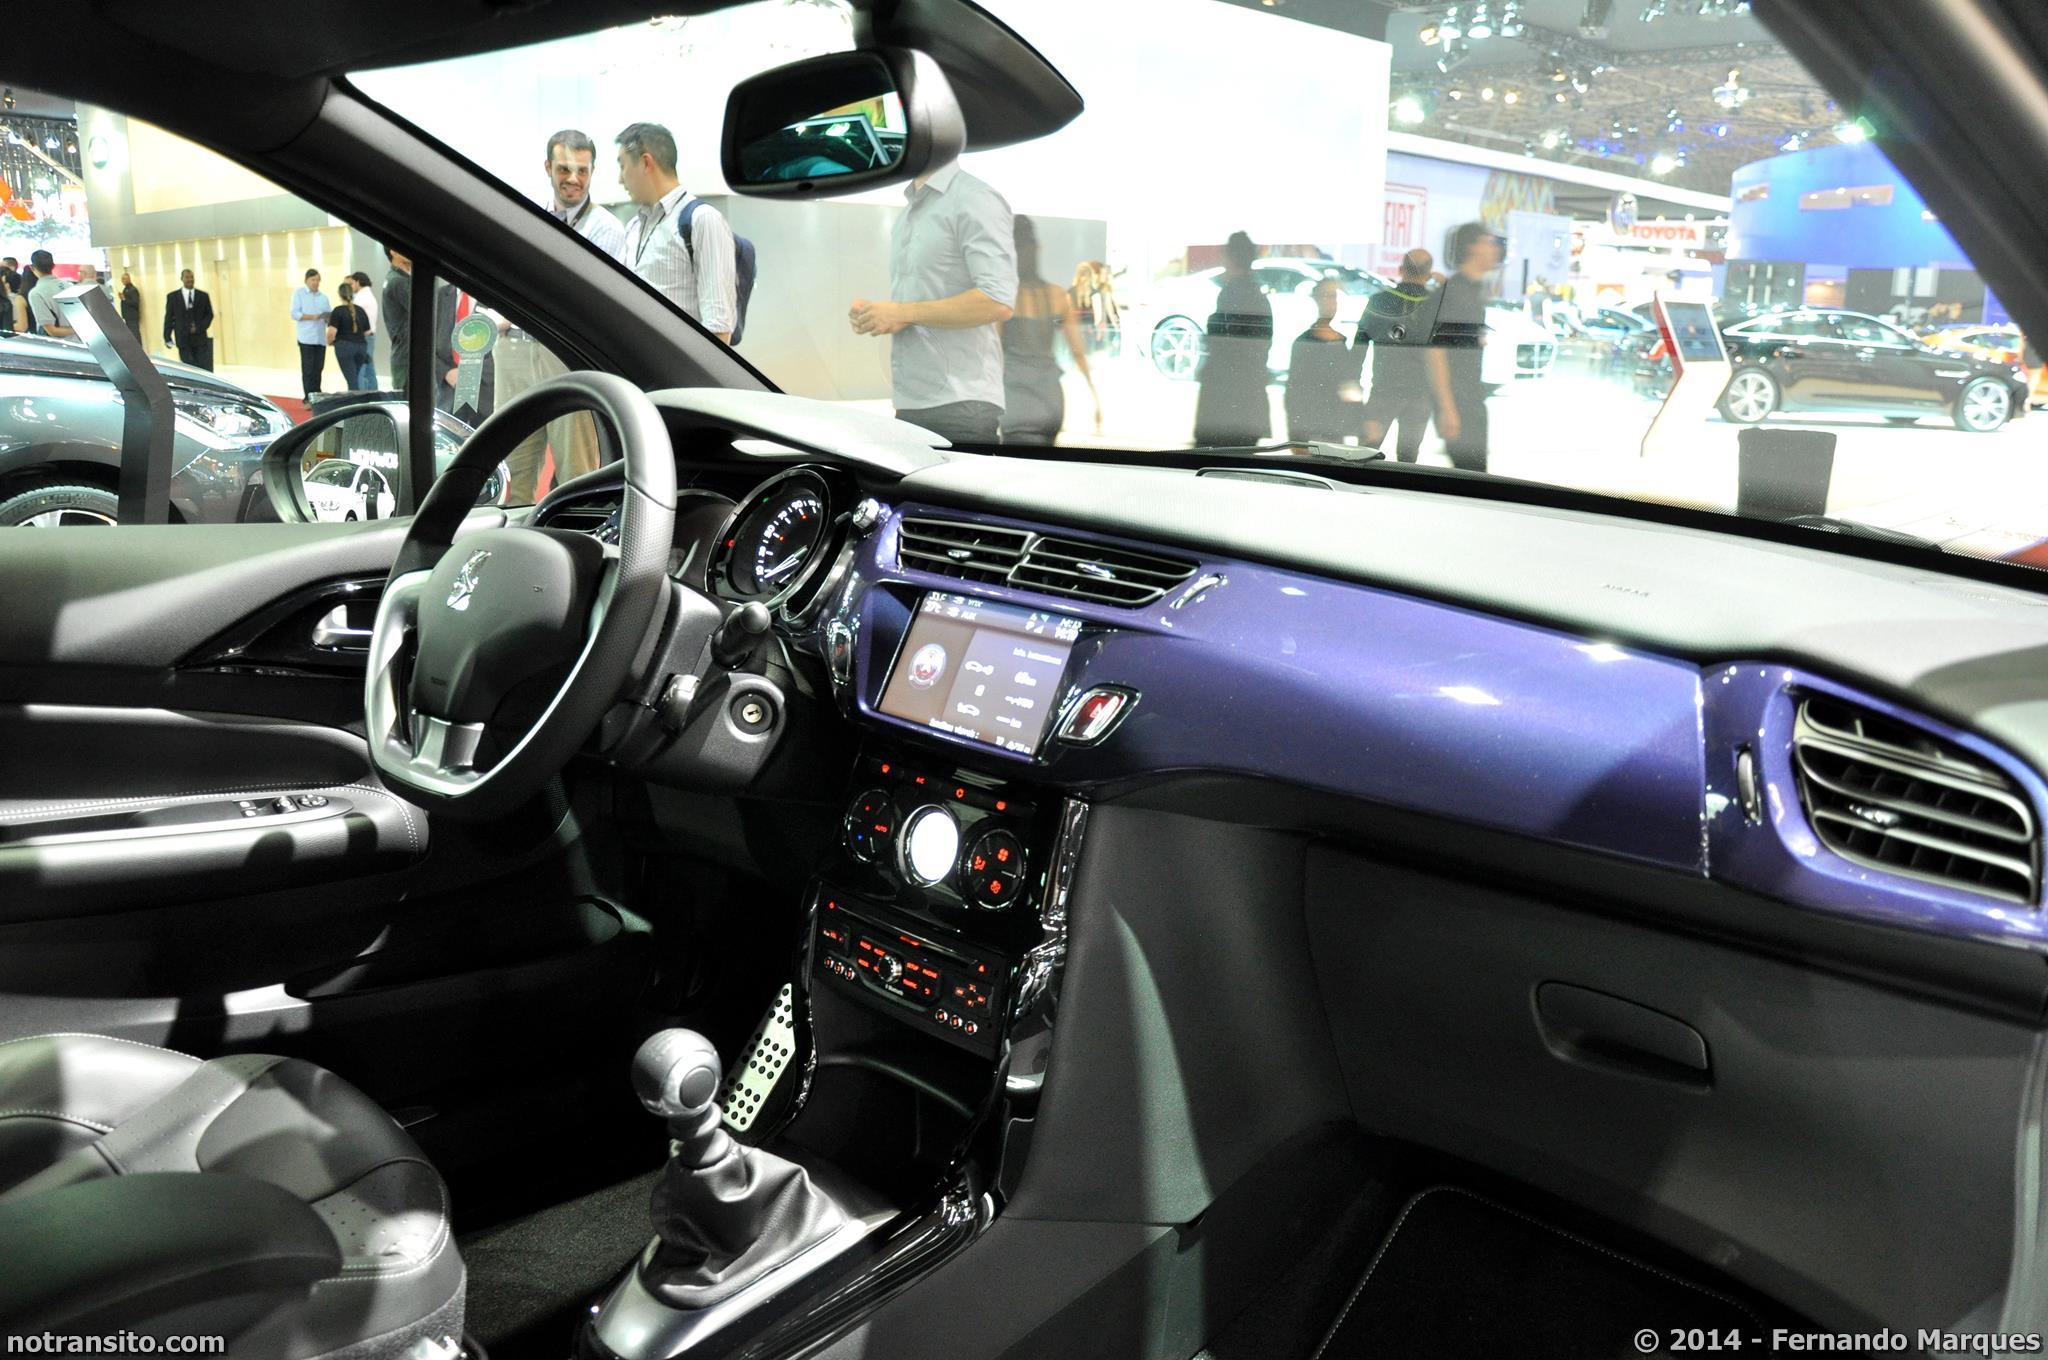 Salão do Automóvel de São Paulo 2014, 28º Salão do Automóvel de São Paulo, Citroën DS3, Citroën DS